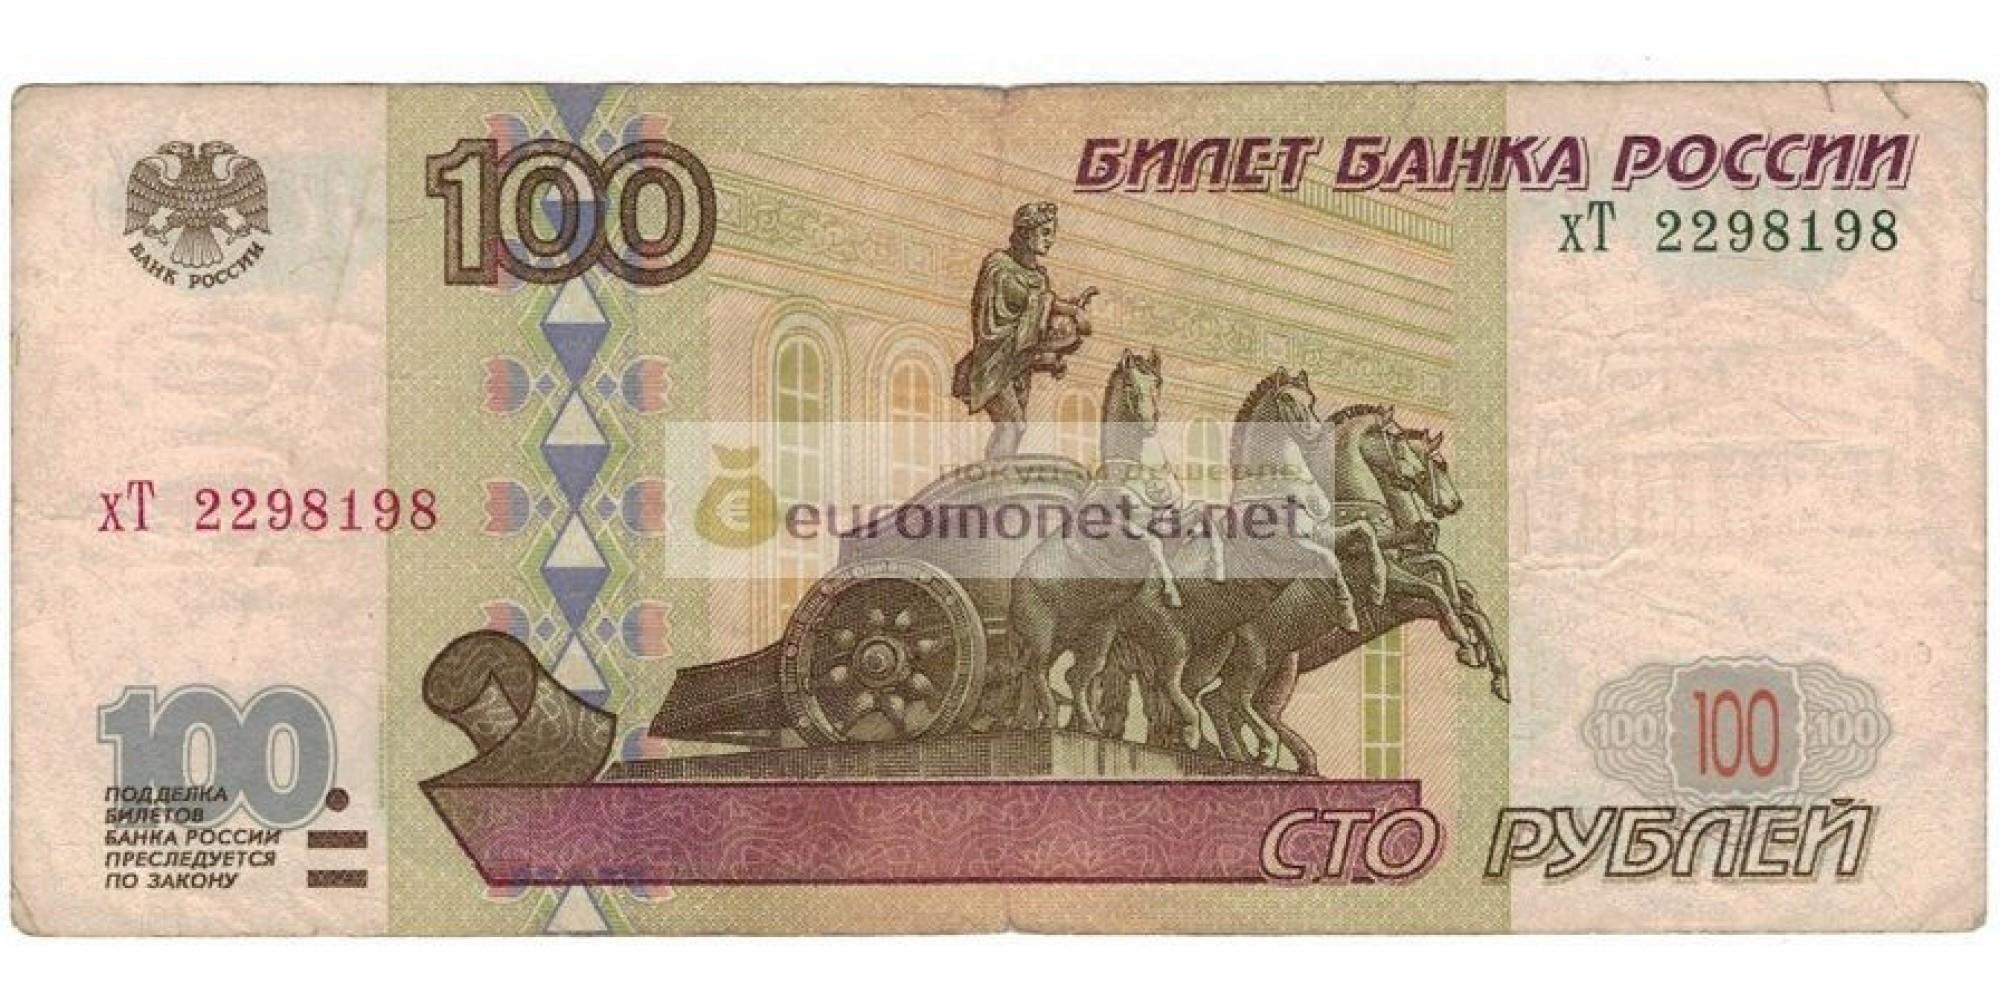 Россия 100 рублей 1997 год модификация 2001 год серия хТ 2298198